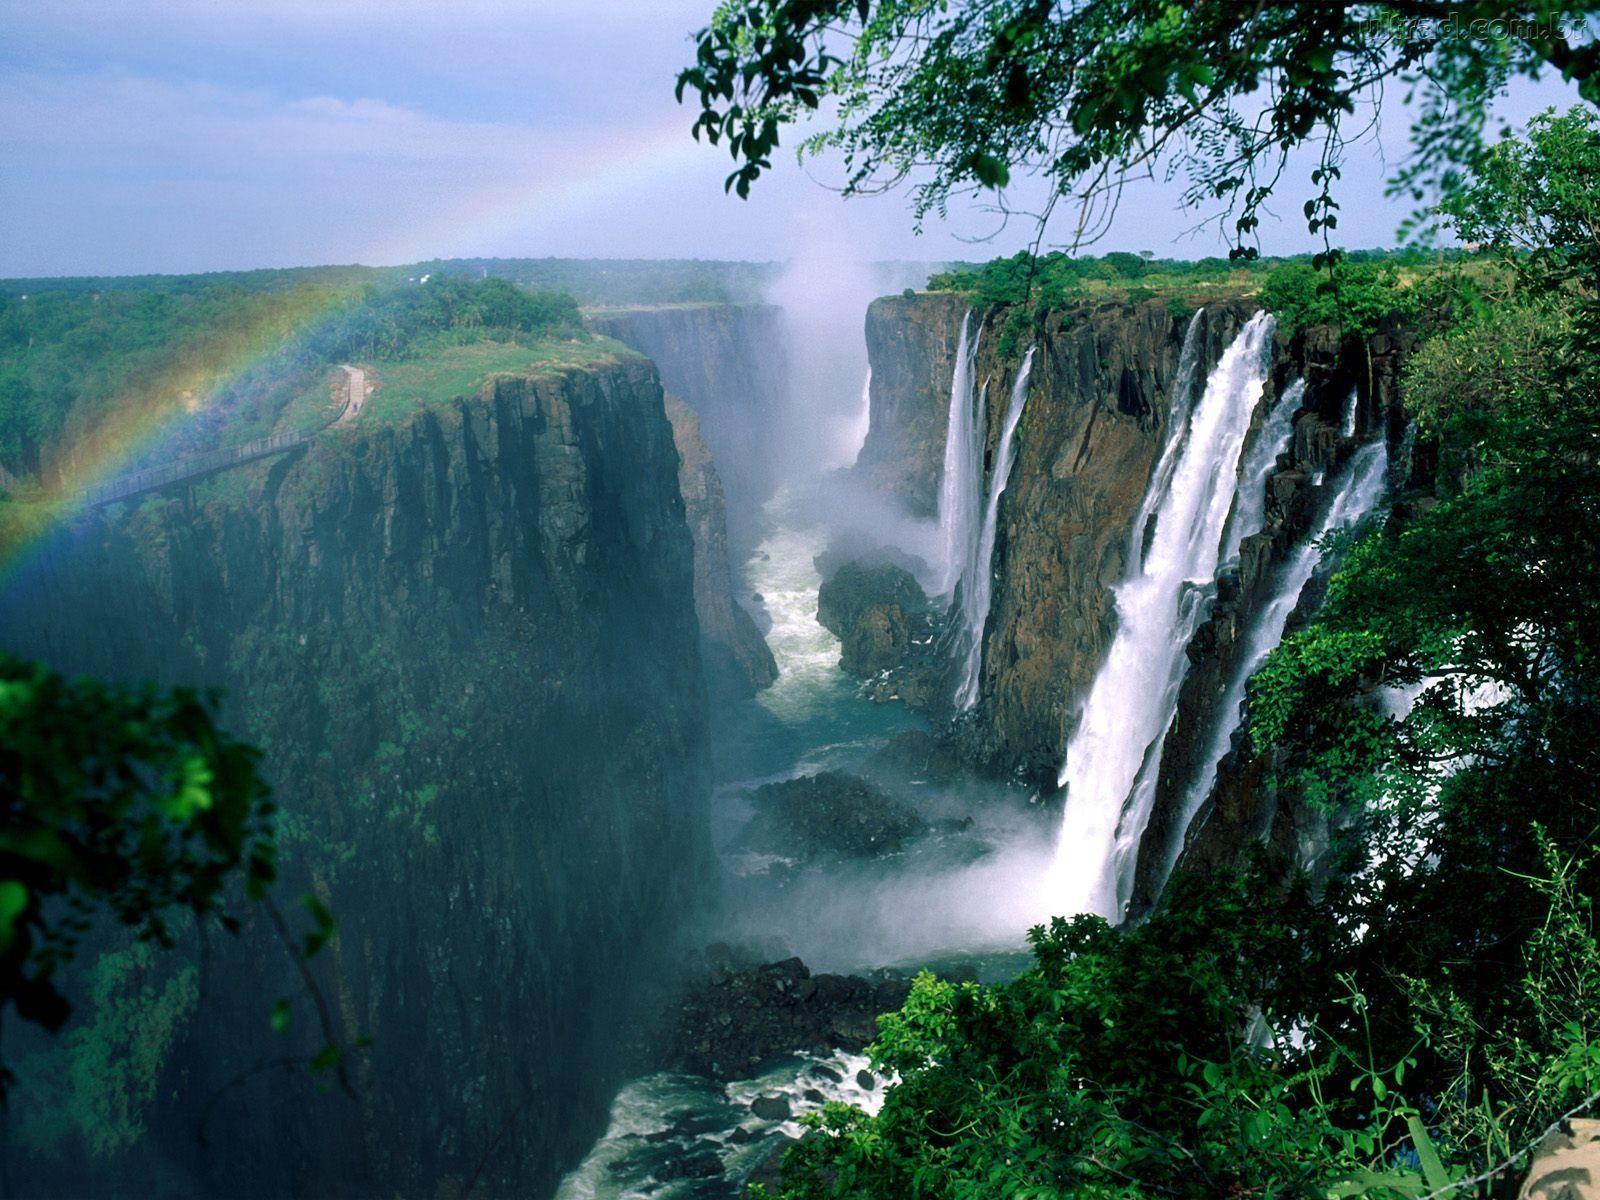 http://2.bp.blogspot.com/-6PpNIJcGAbg/TzsUu5rMPHI/AAAAAAAAG2I/4XjWDYWJ8QM/s1600/70608_Papel-de-Parede-Cachoeiras-de-Vitoria_1600x1200.jpg